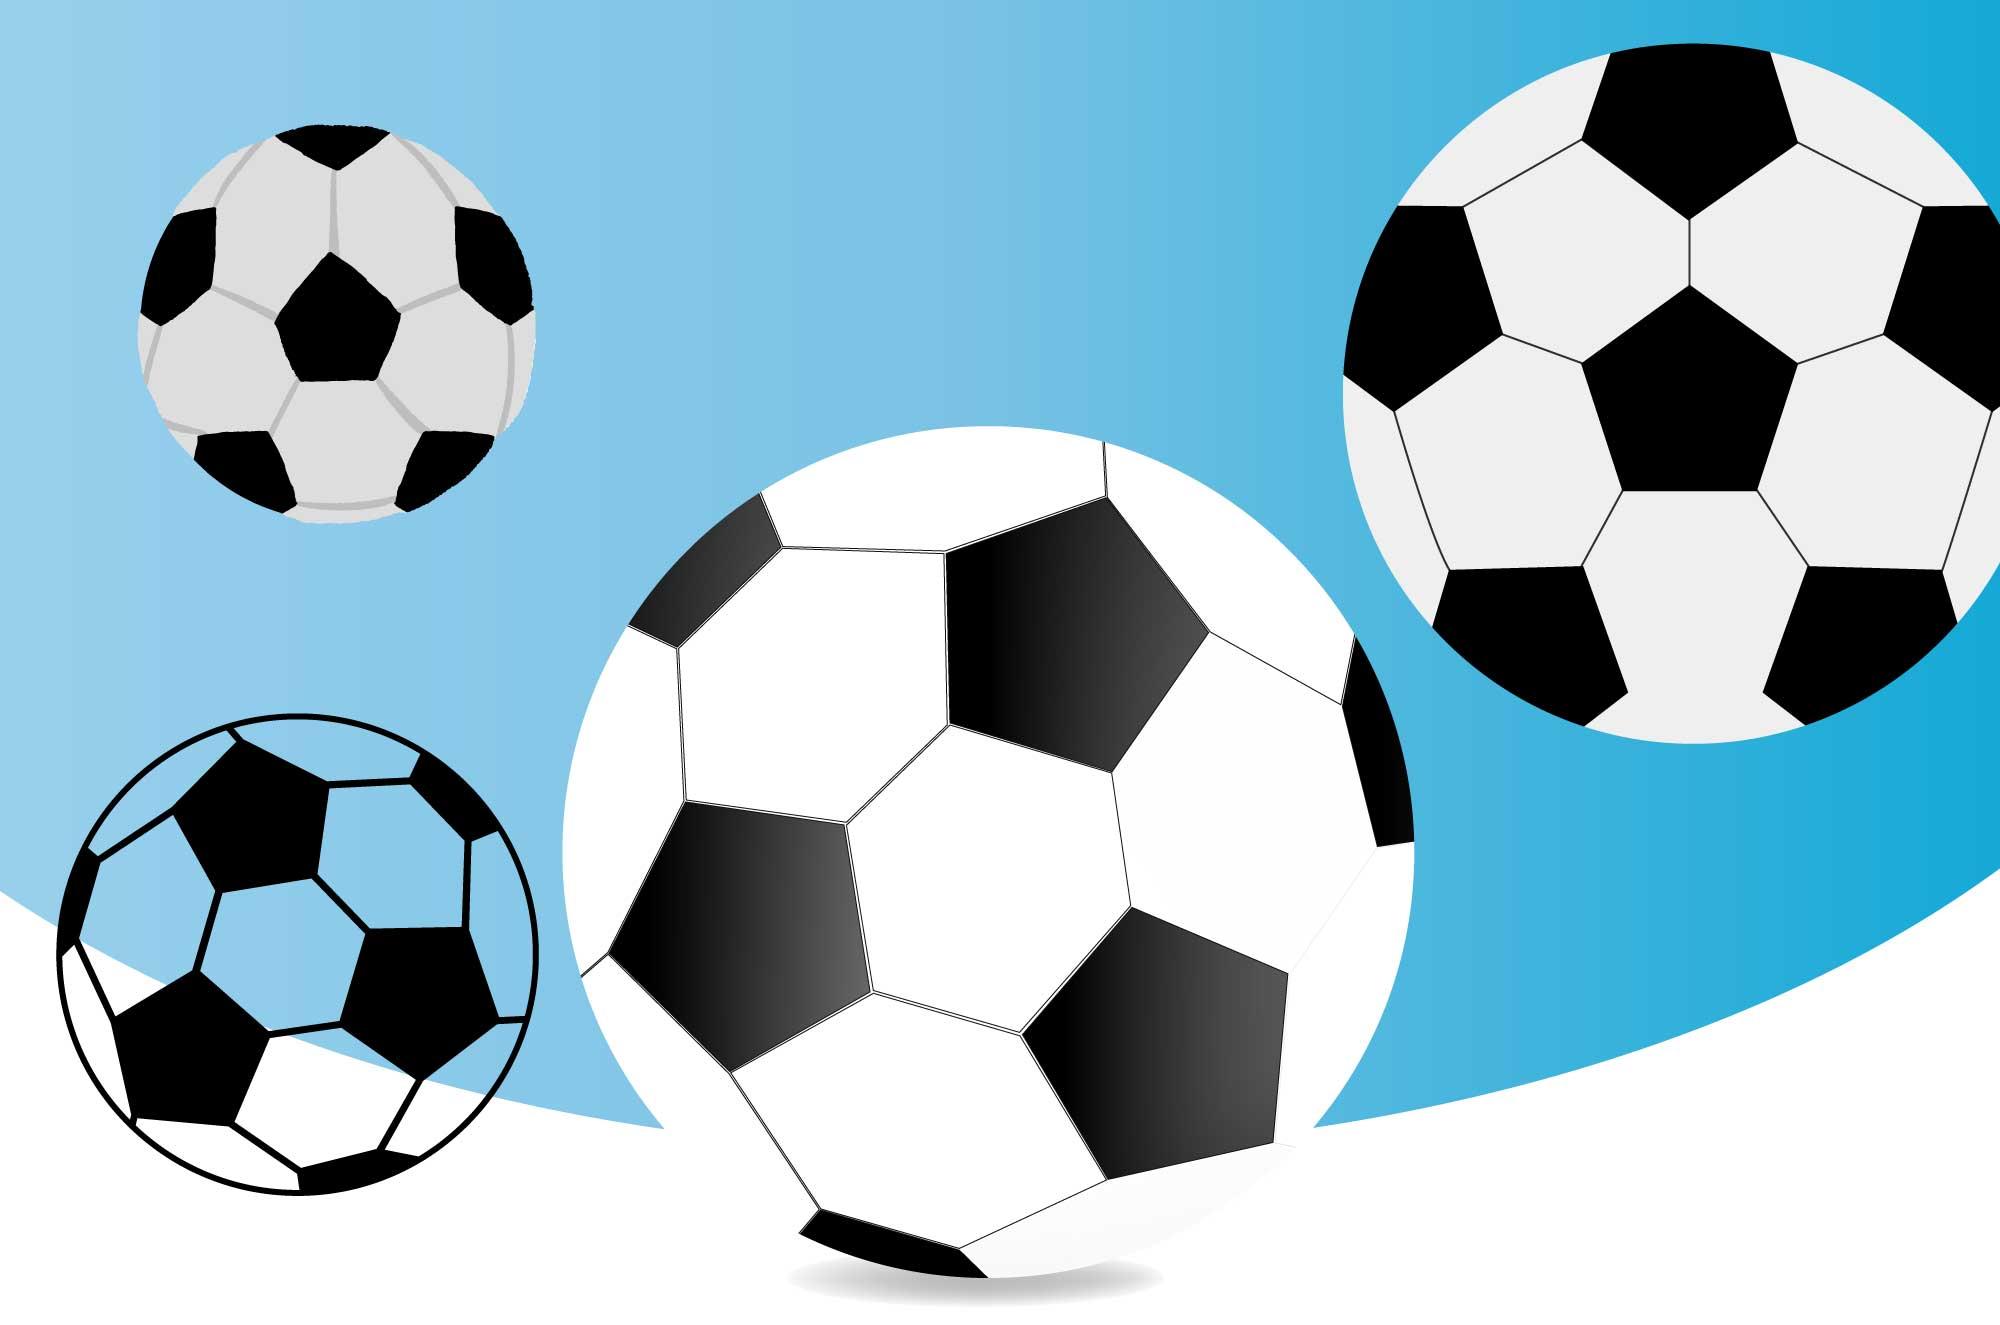 サッカーボールの無料イラスト - 可愛い/かっこいい